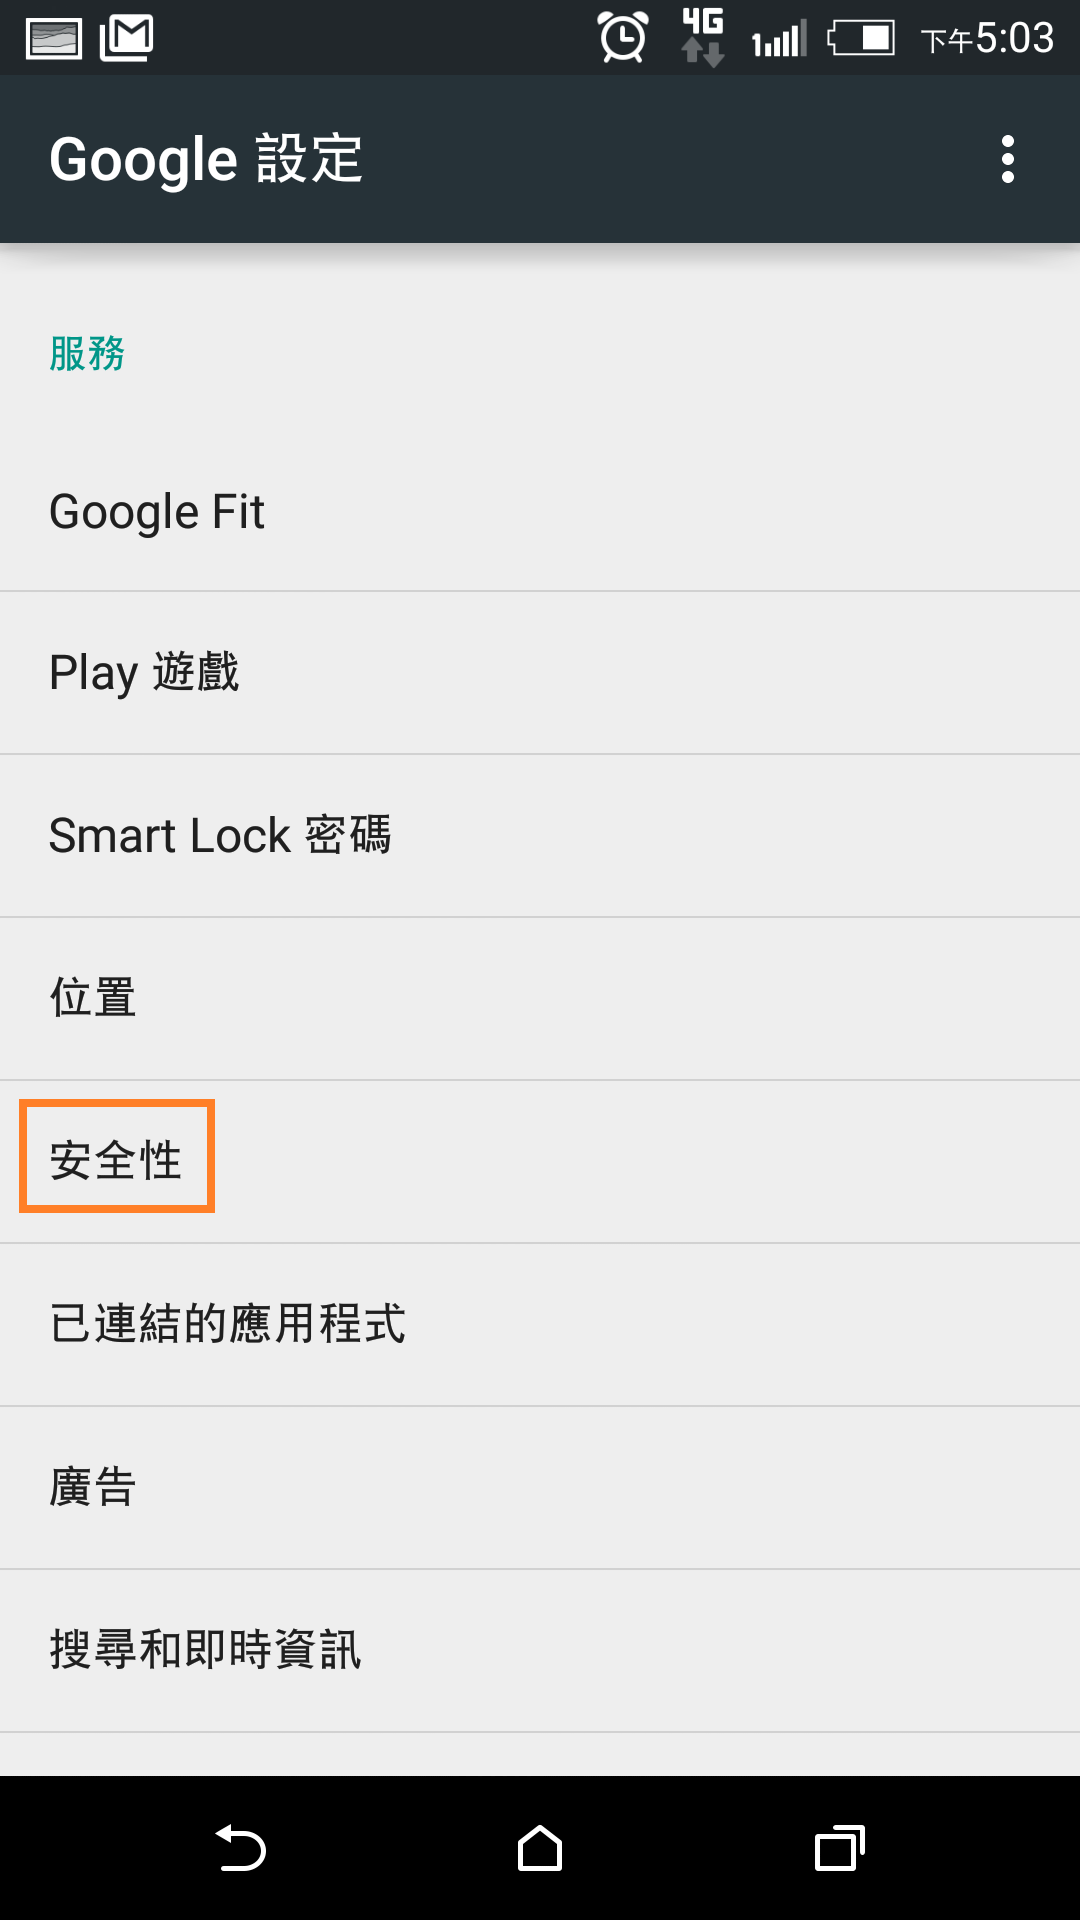 Screenshot 2015 12 16 17 03 24 - 手機掉了怎麼辦?透過 Android 裝置管理員來定位手機